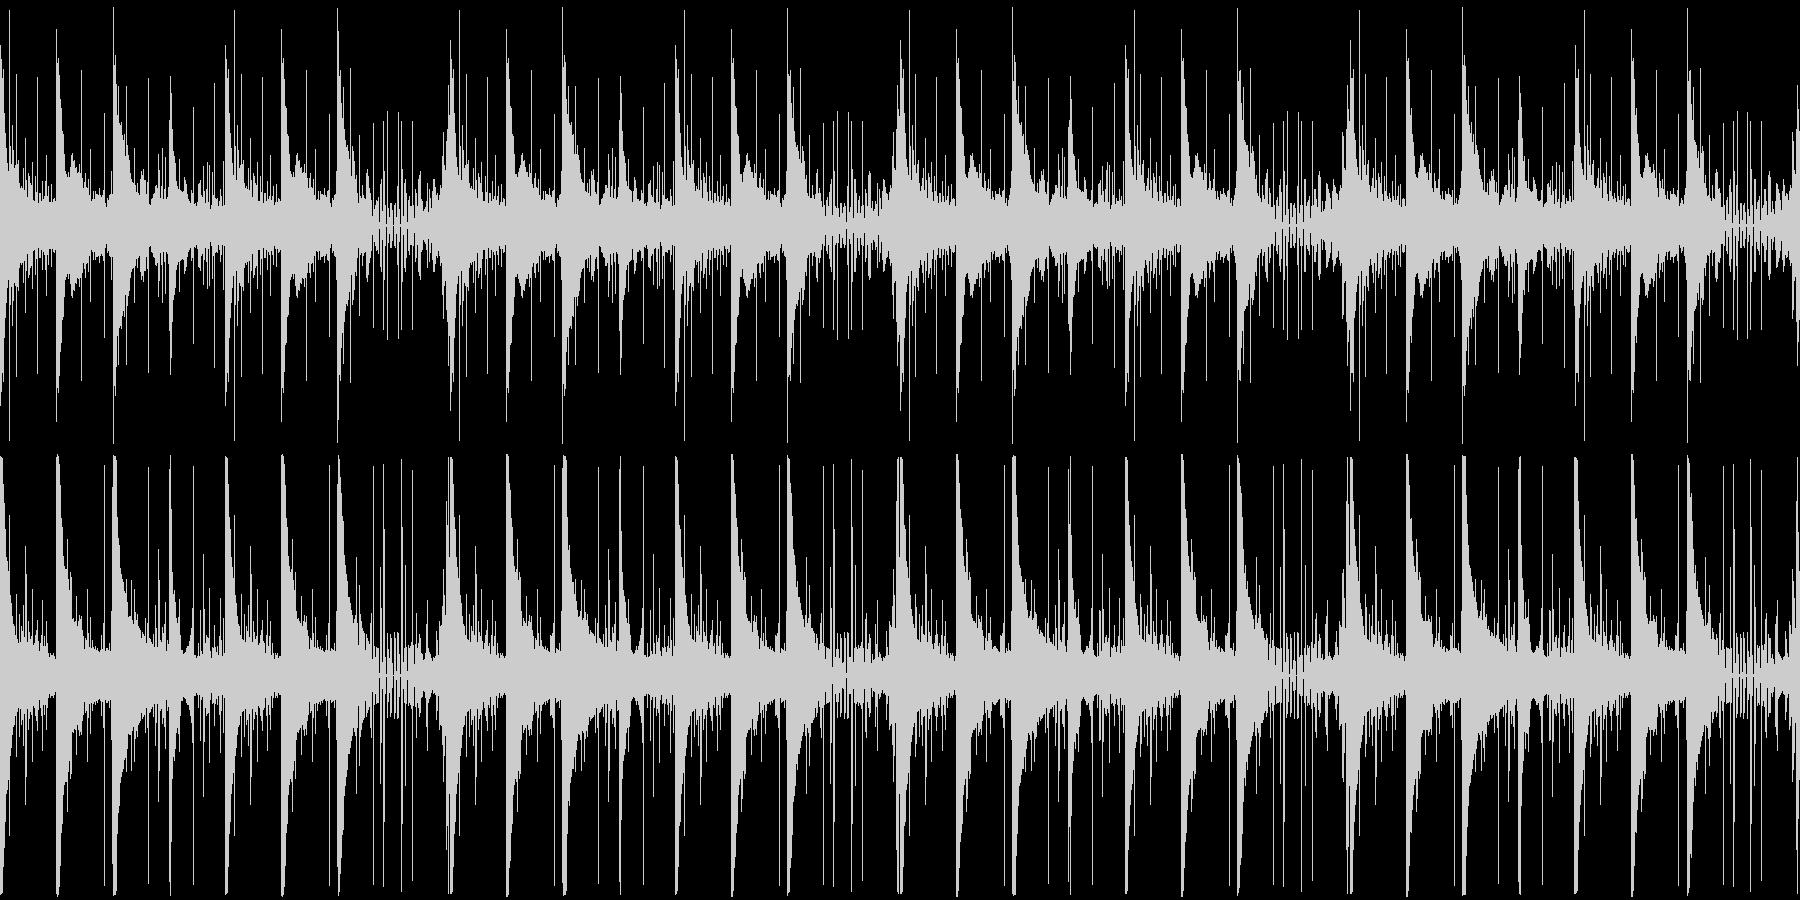 【雨/悲しみのピアノバラード】の未再生の波形